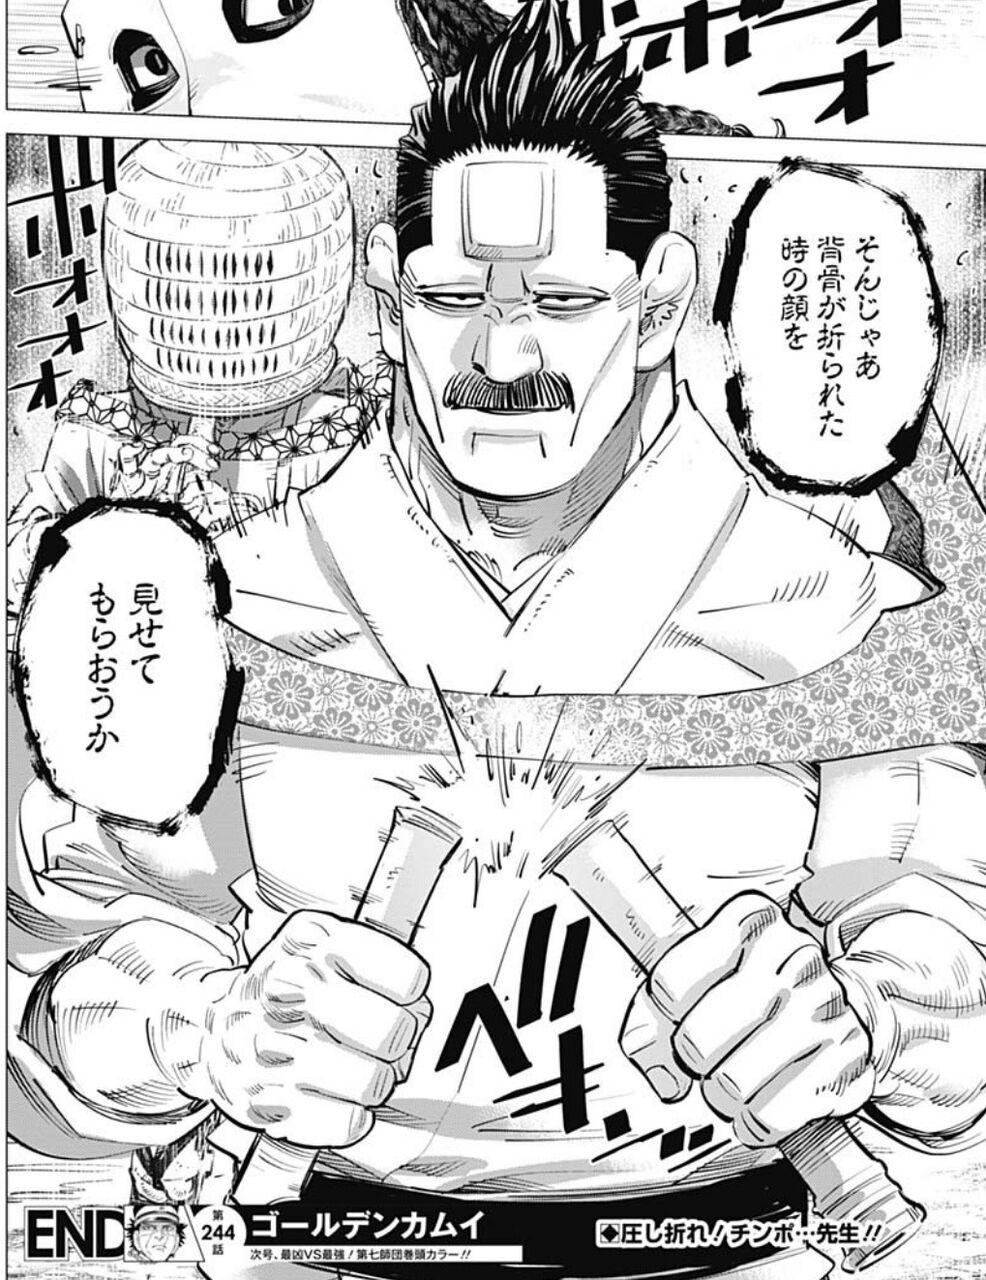 カムイ 最強 ジャンプ ゴールデン